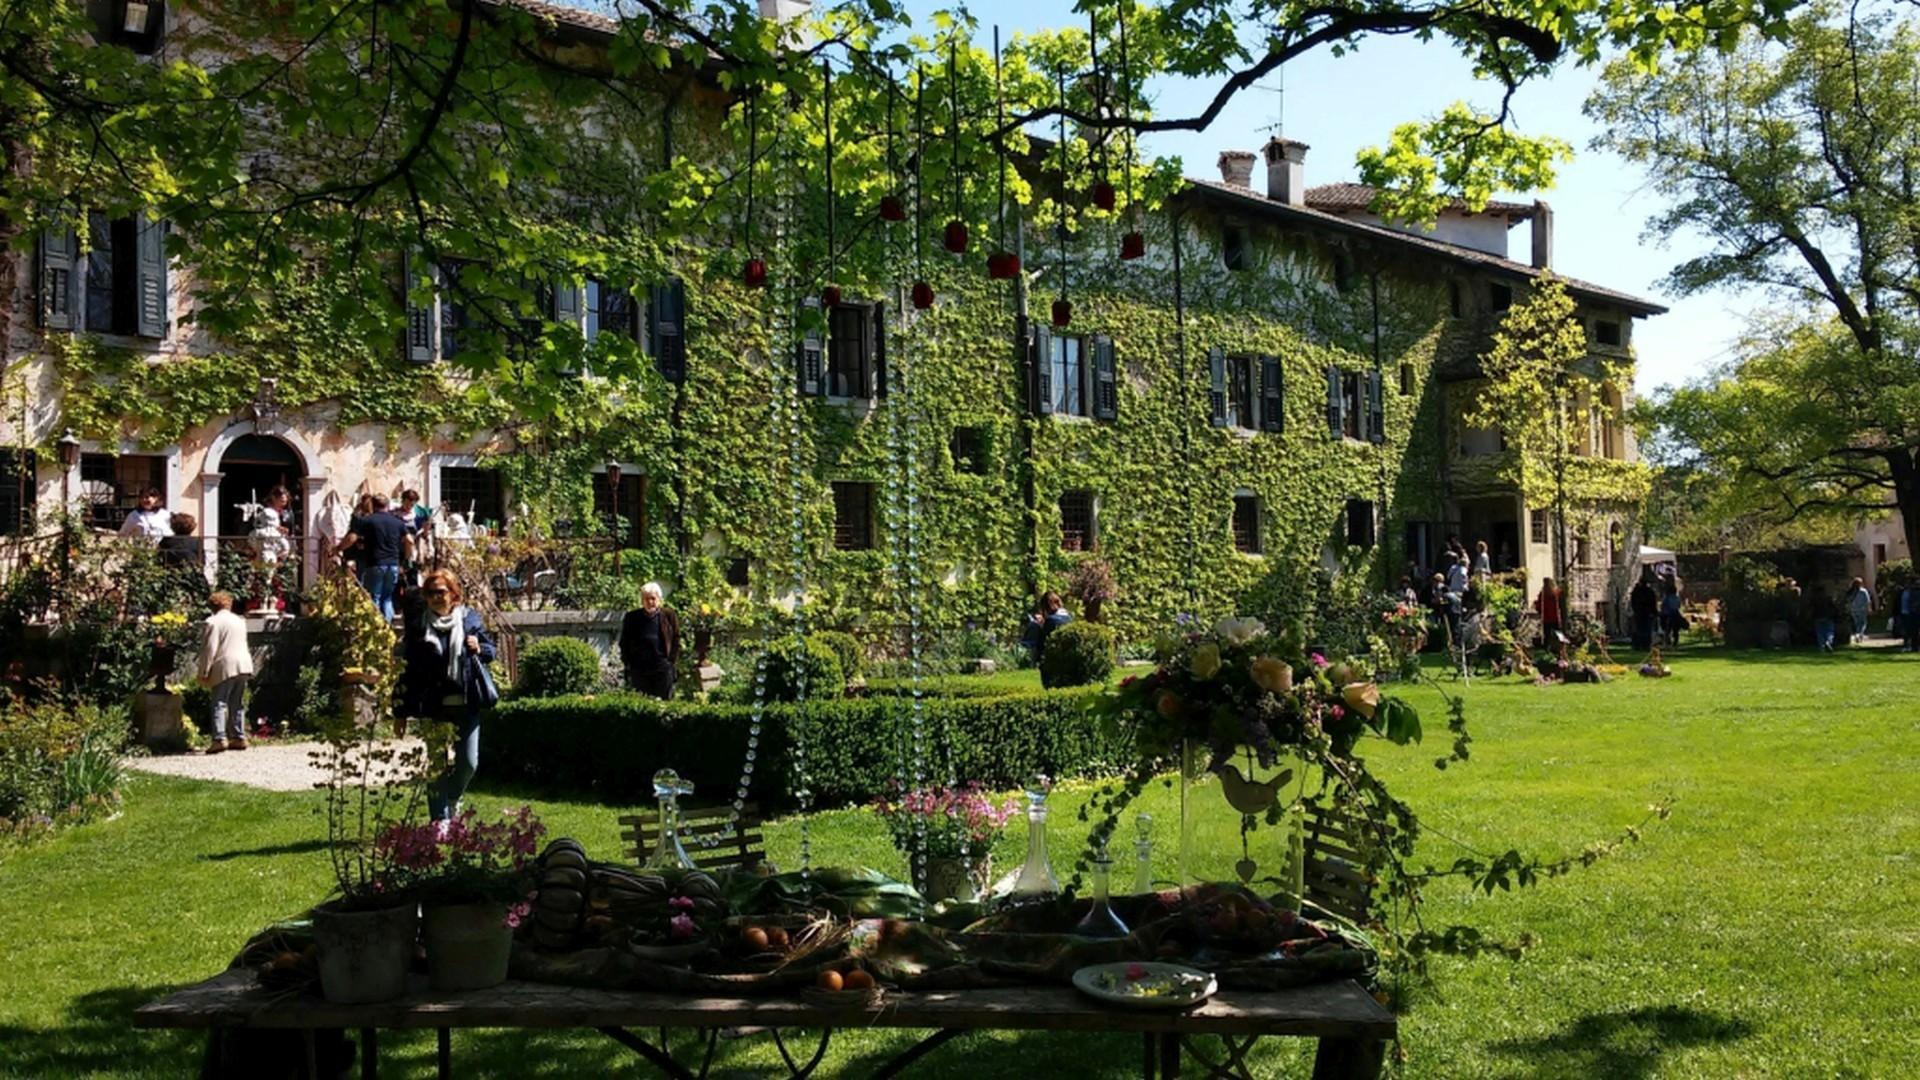 Ufficio Verde Pubblico Venezia : Campa cavallo che l erba cresceu d il verde pubblico di torino tra